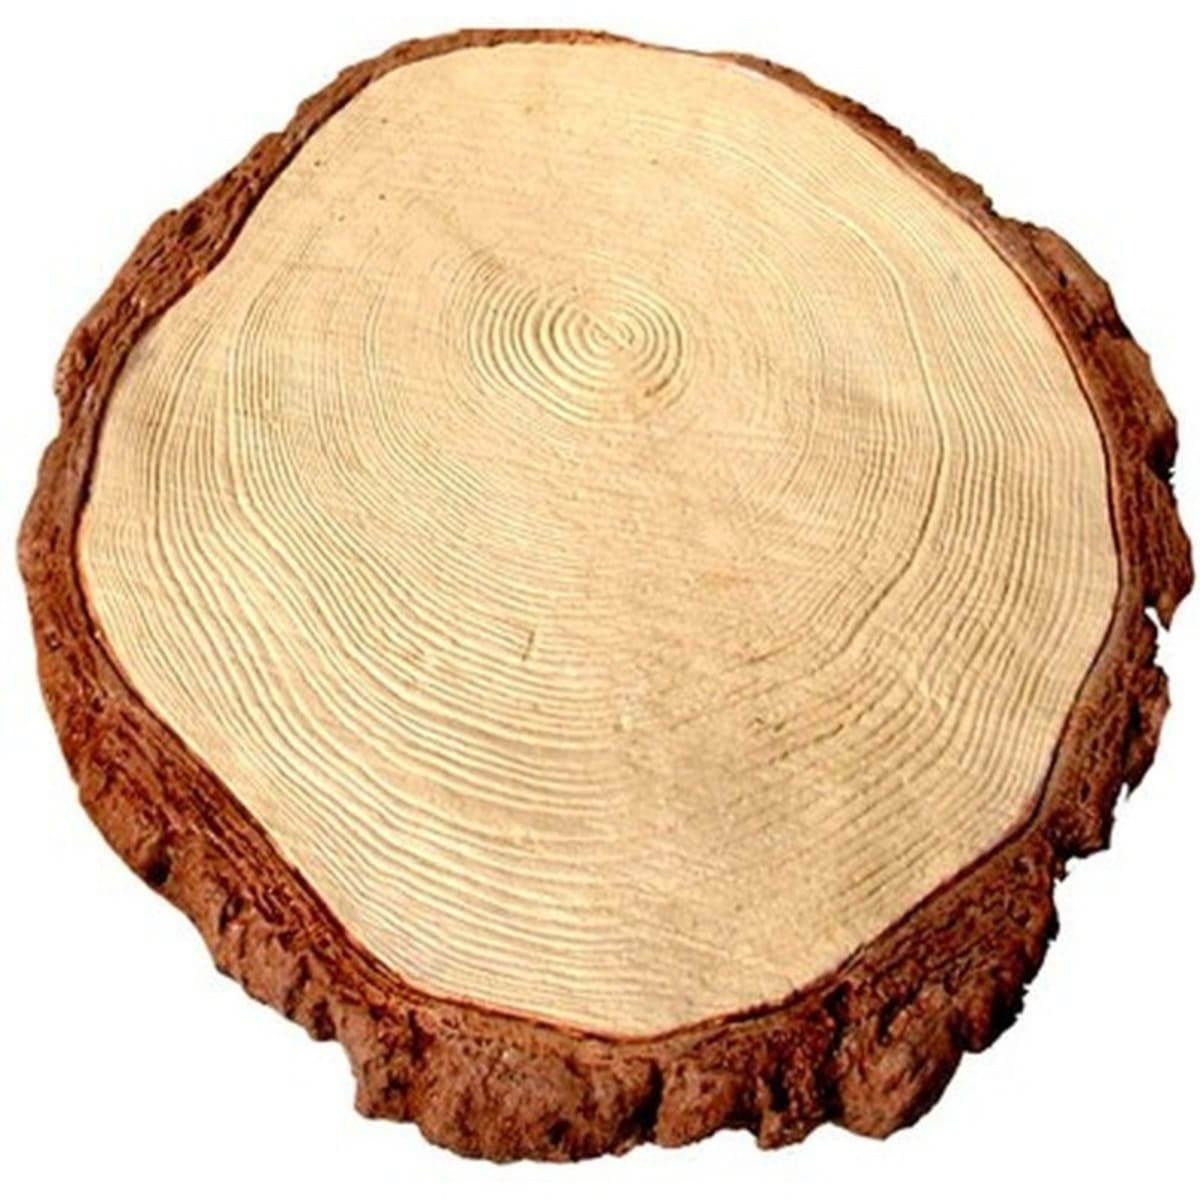 Спил дерева из бетона купить бетон цена одинцово